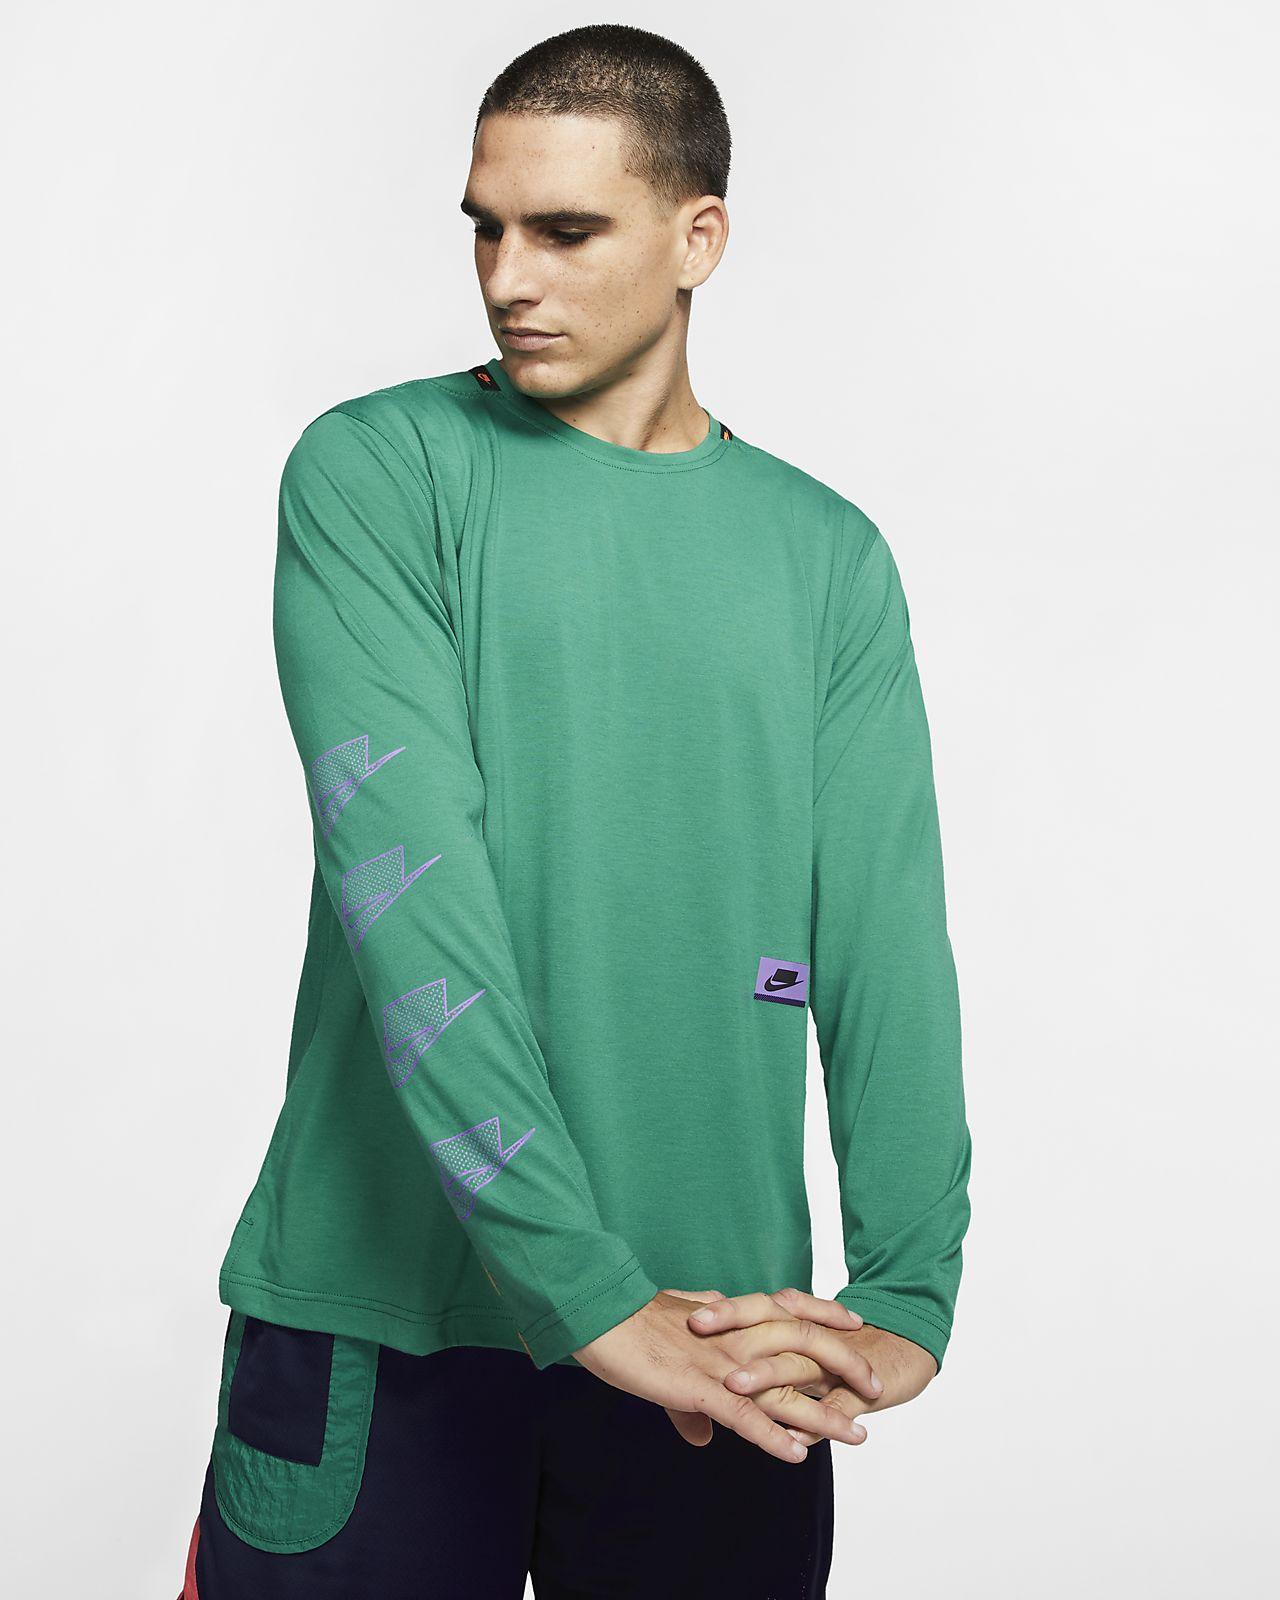 Ανδρική μακρυμάνικη μπλούζα προπόνησης Nike Dri-FIT